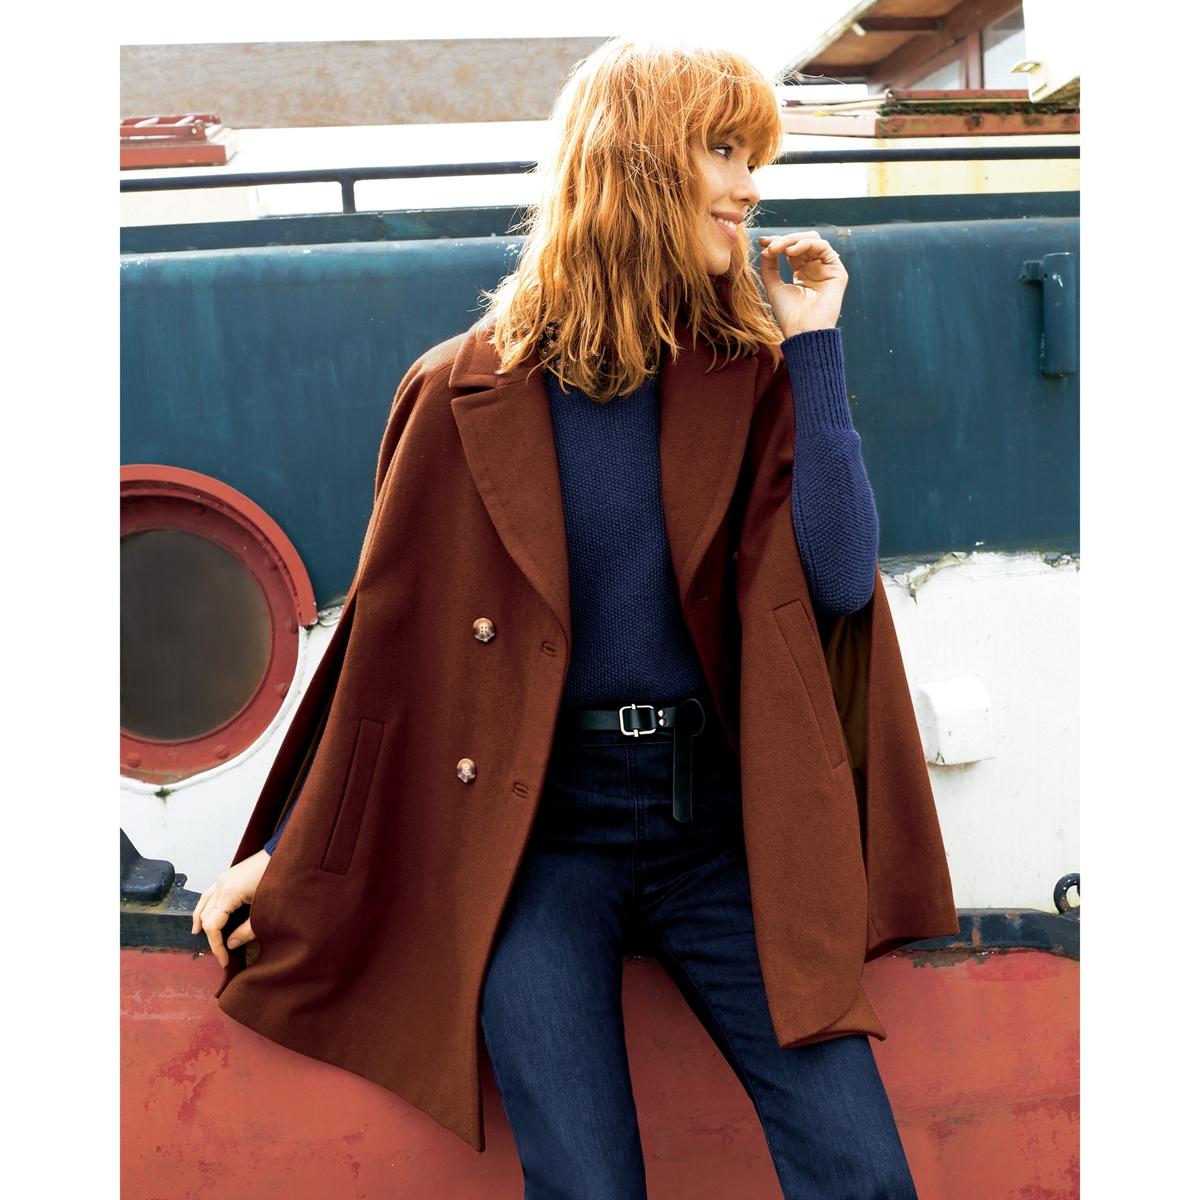 КейпКейп, новое пальто в этом сезоне ! Пиджачный воротник. Застежка на пуговицы. 2 прорезных кармана по бокам. Вышивка золотистый бантик с внутренней стороны на спинке вверху  .Состав и описание : Материал 38% шерсти, 28% акрила, 27% полиэстера, 4% хлопка, 3% полиамидаПодкладка: 100% полиэстераДлина 85 см Бренд: Mademoiselle R Уход :Сухая чистка..Машинная сушка запрещена.Гладить на низкой температуре.<br><br>Цвет: терракота<br>Размер: 44 (FR) - 50 (RUS).40 (FR) - 46 (RUS).38 (FR) - 44 (RUS)